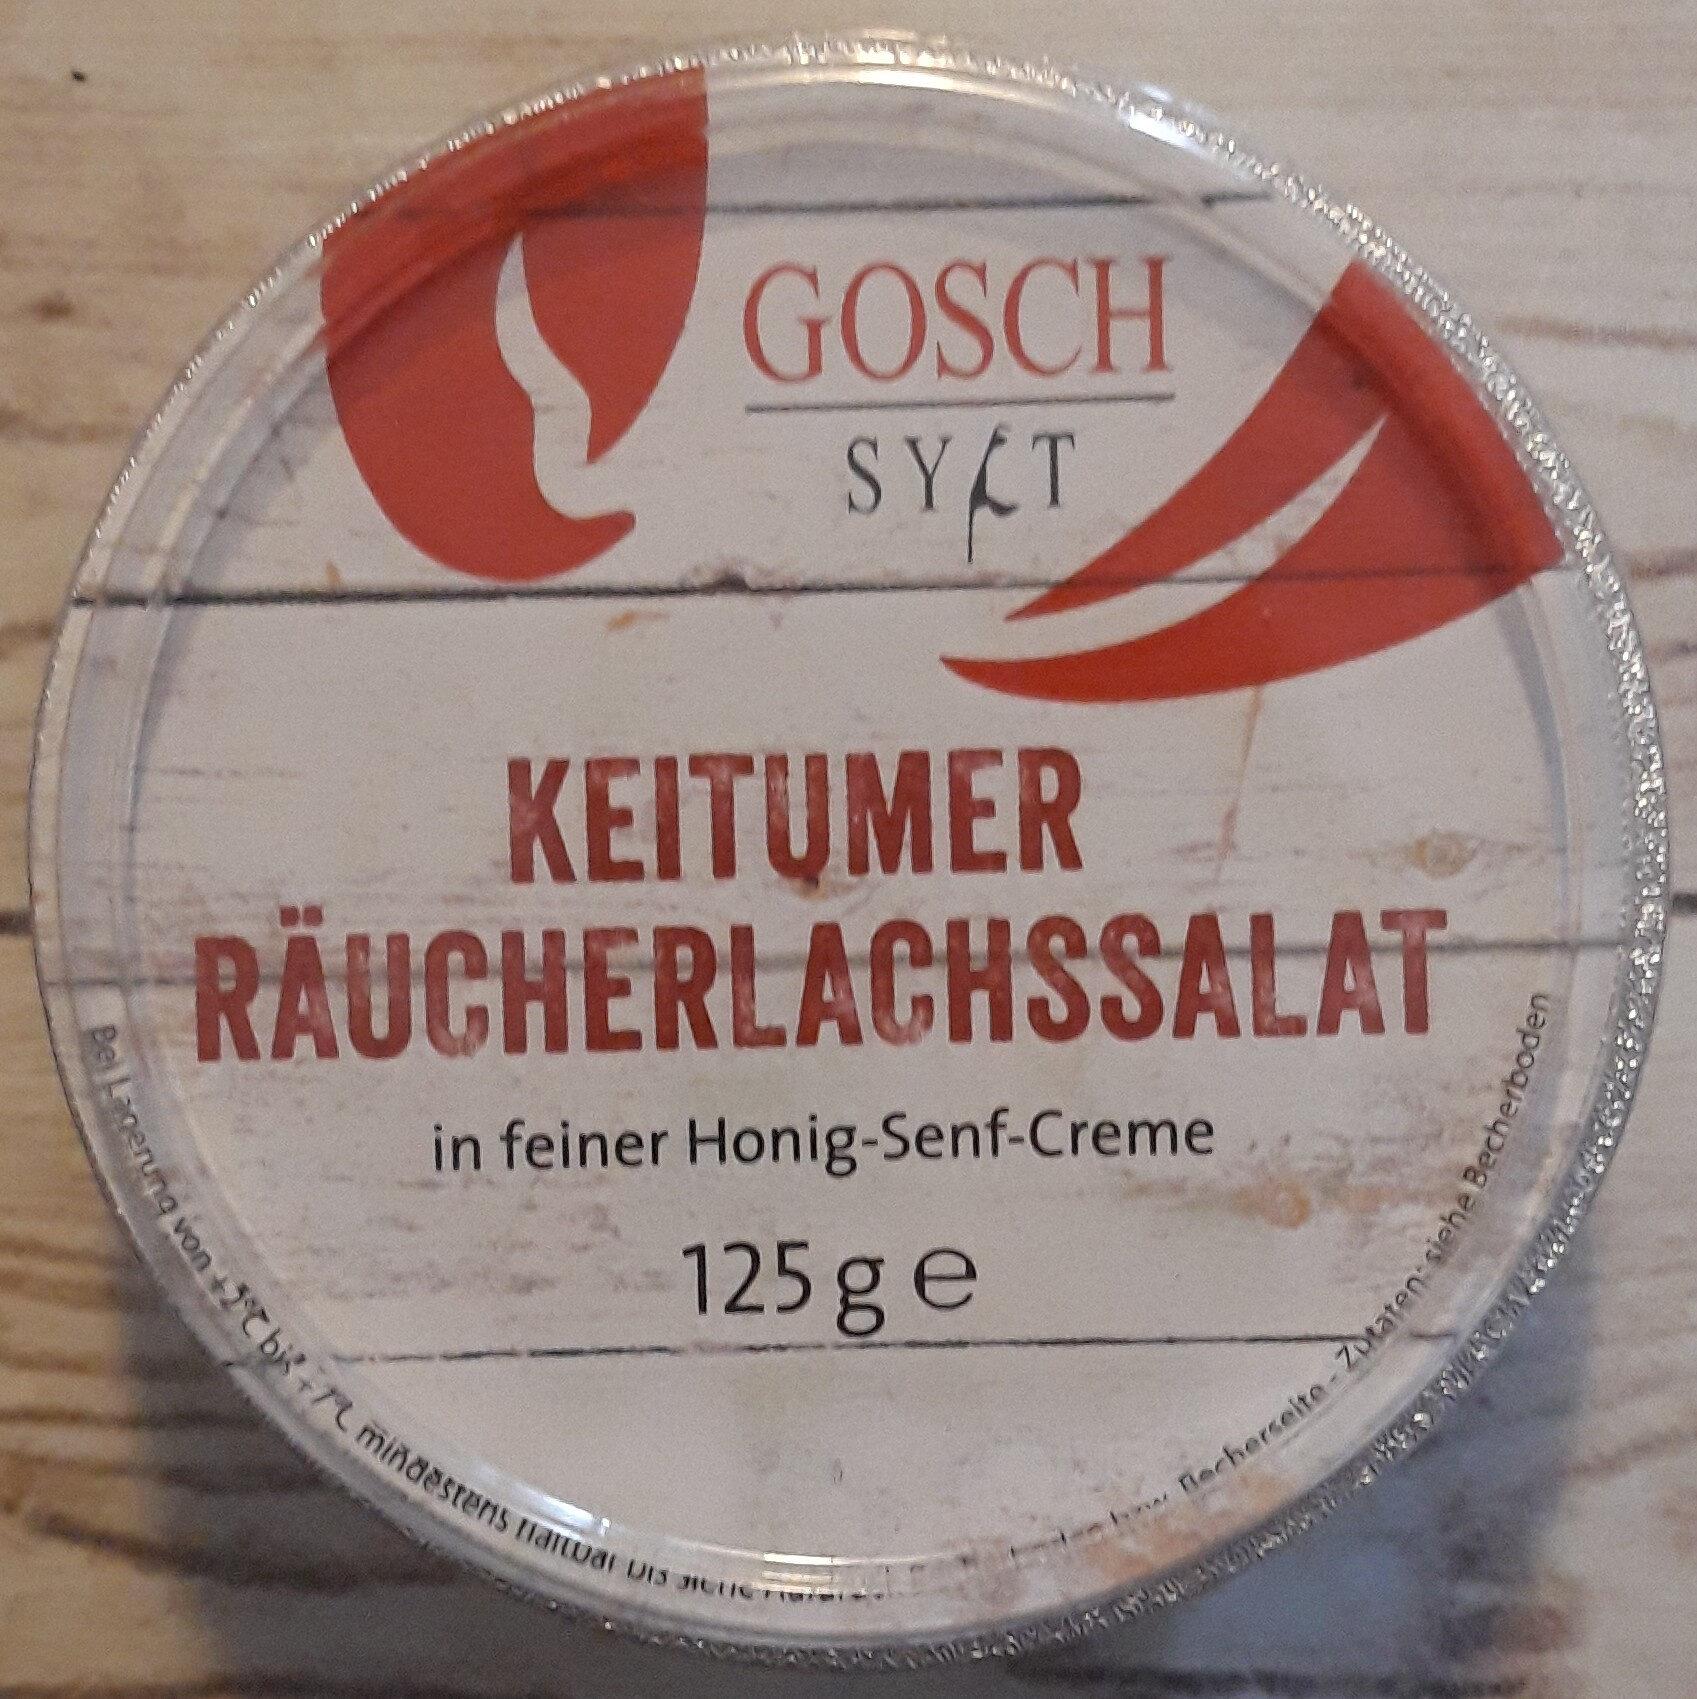 Keitumer Räucherlachssalat - Produkt - de